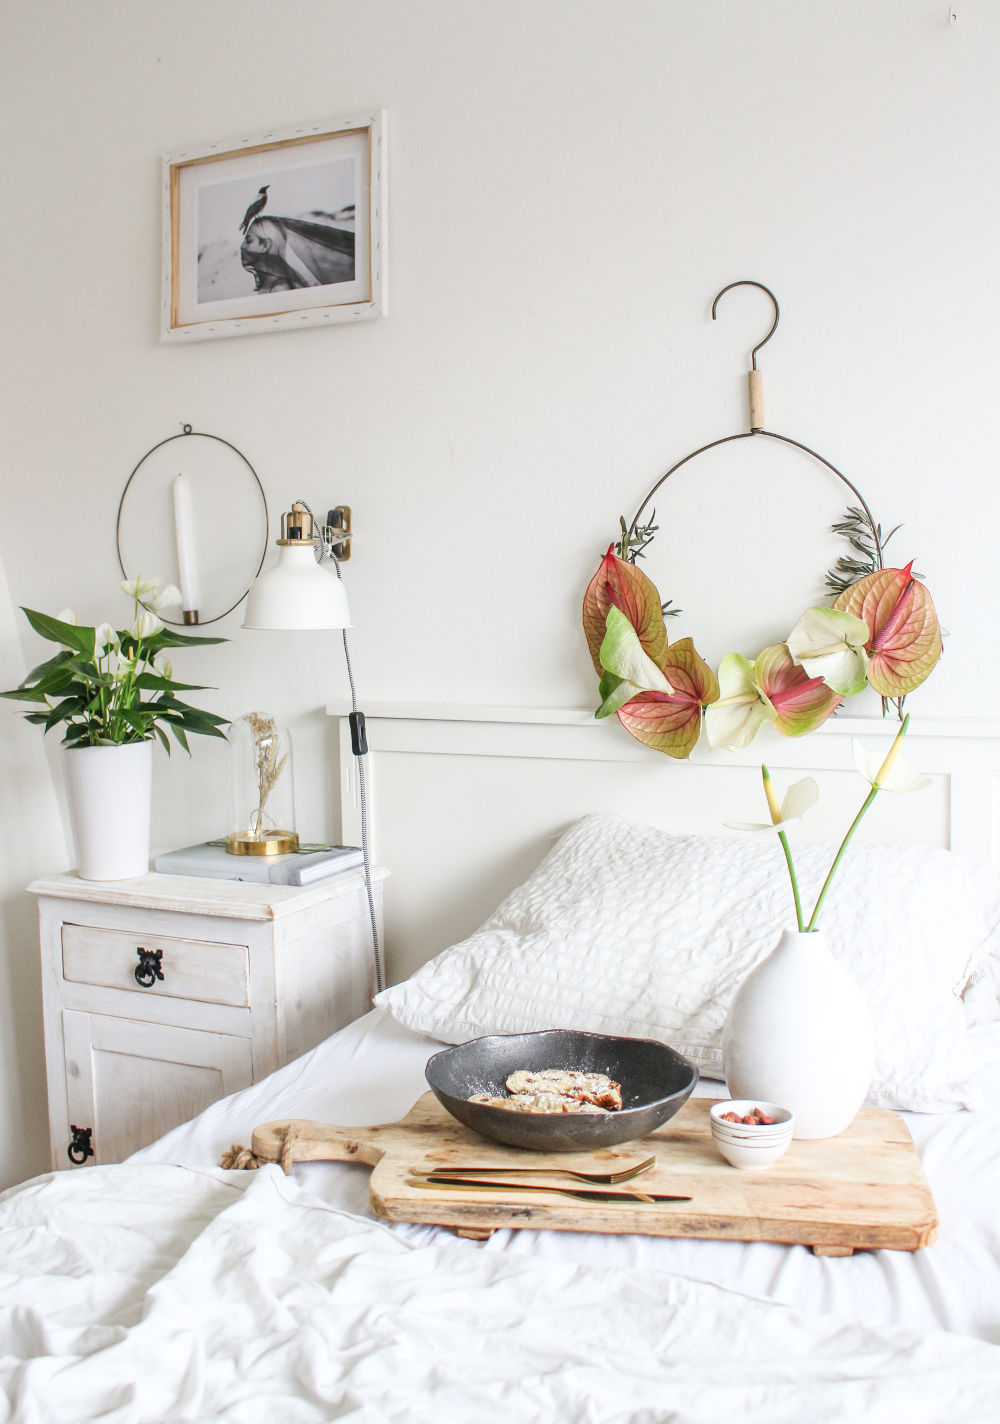 die anthurie in einem einzigartigen und farbenfrohen weihnachtskranz. Black Bedroom Furniture Sets. Home Design Ideas